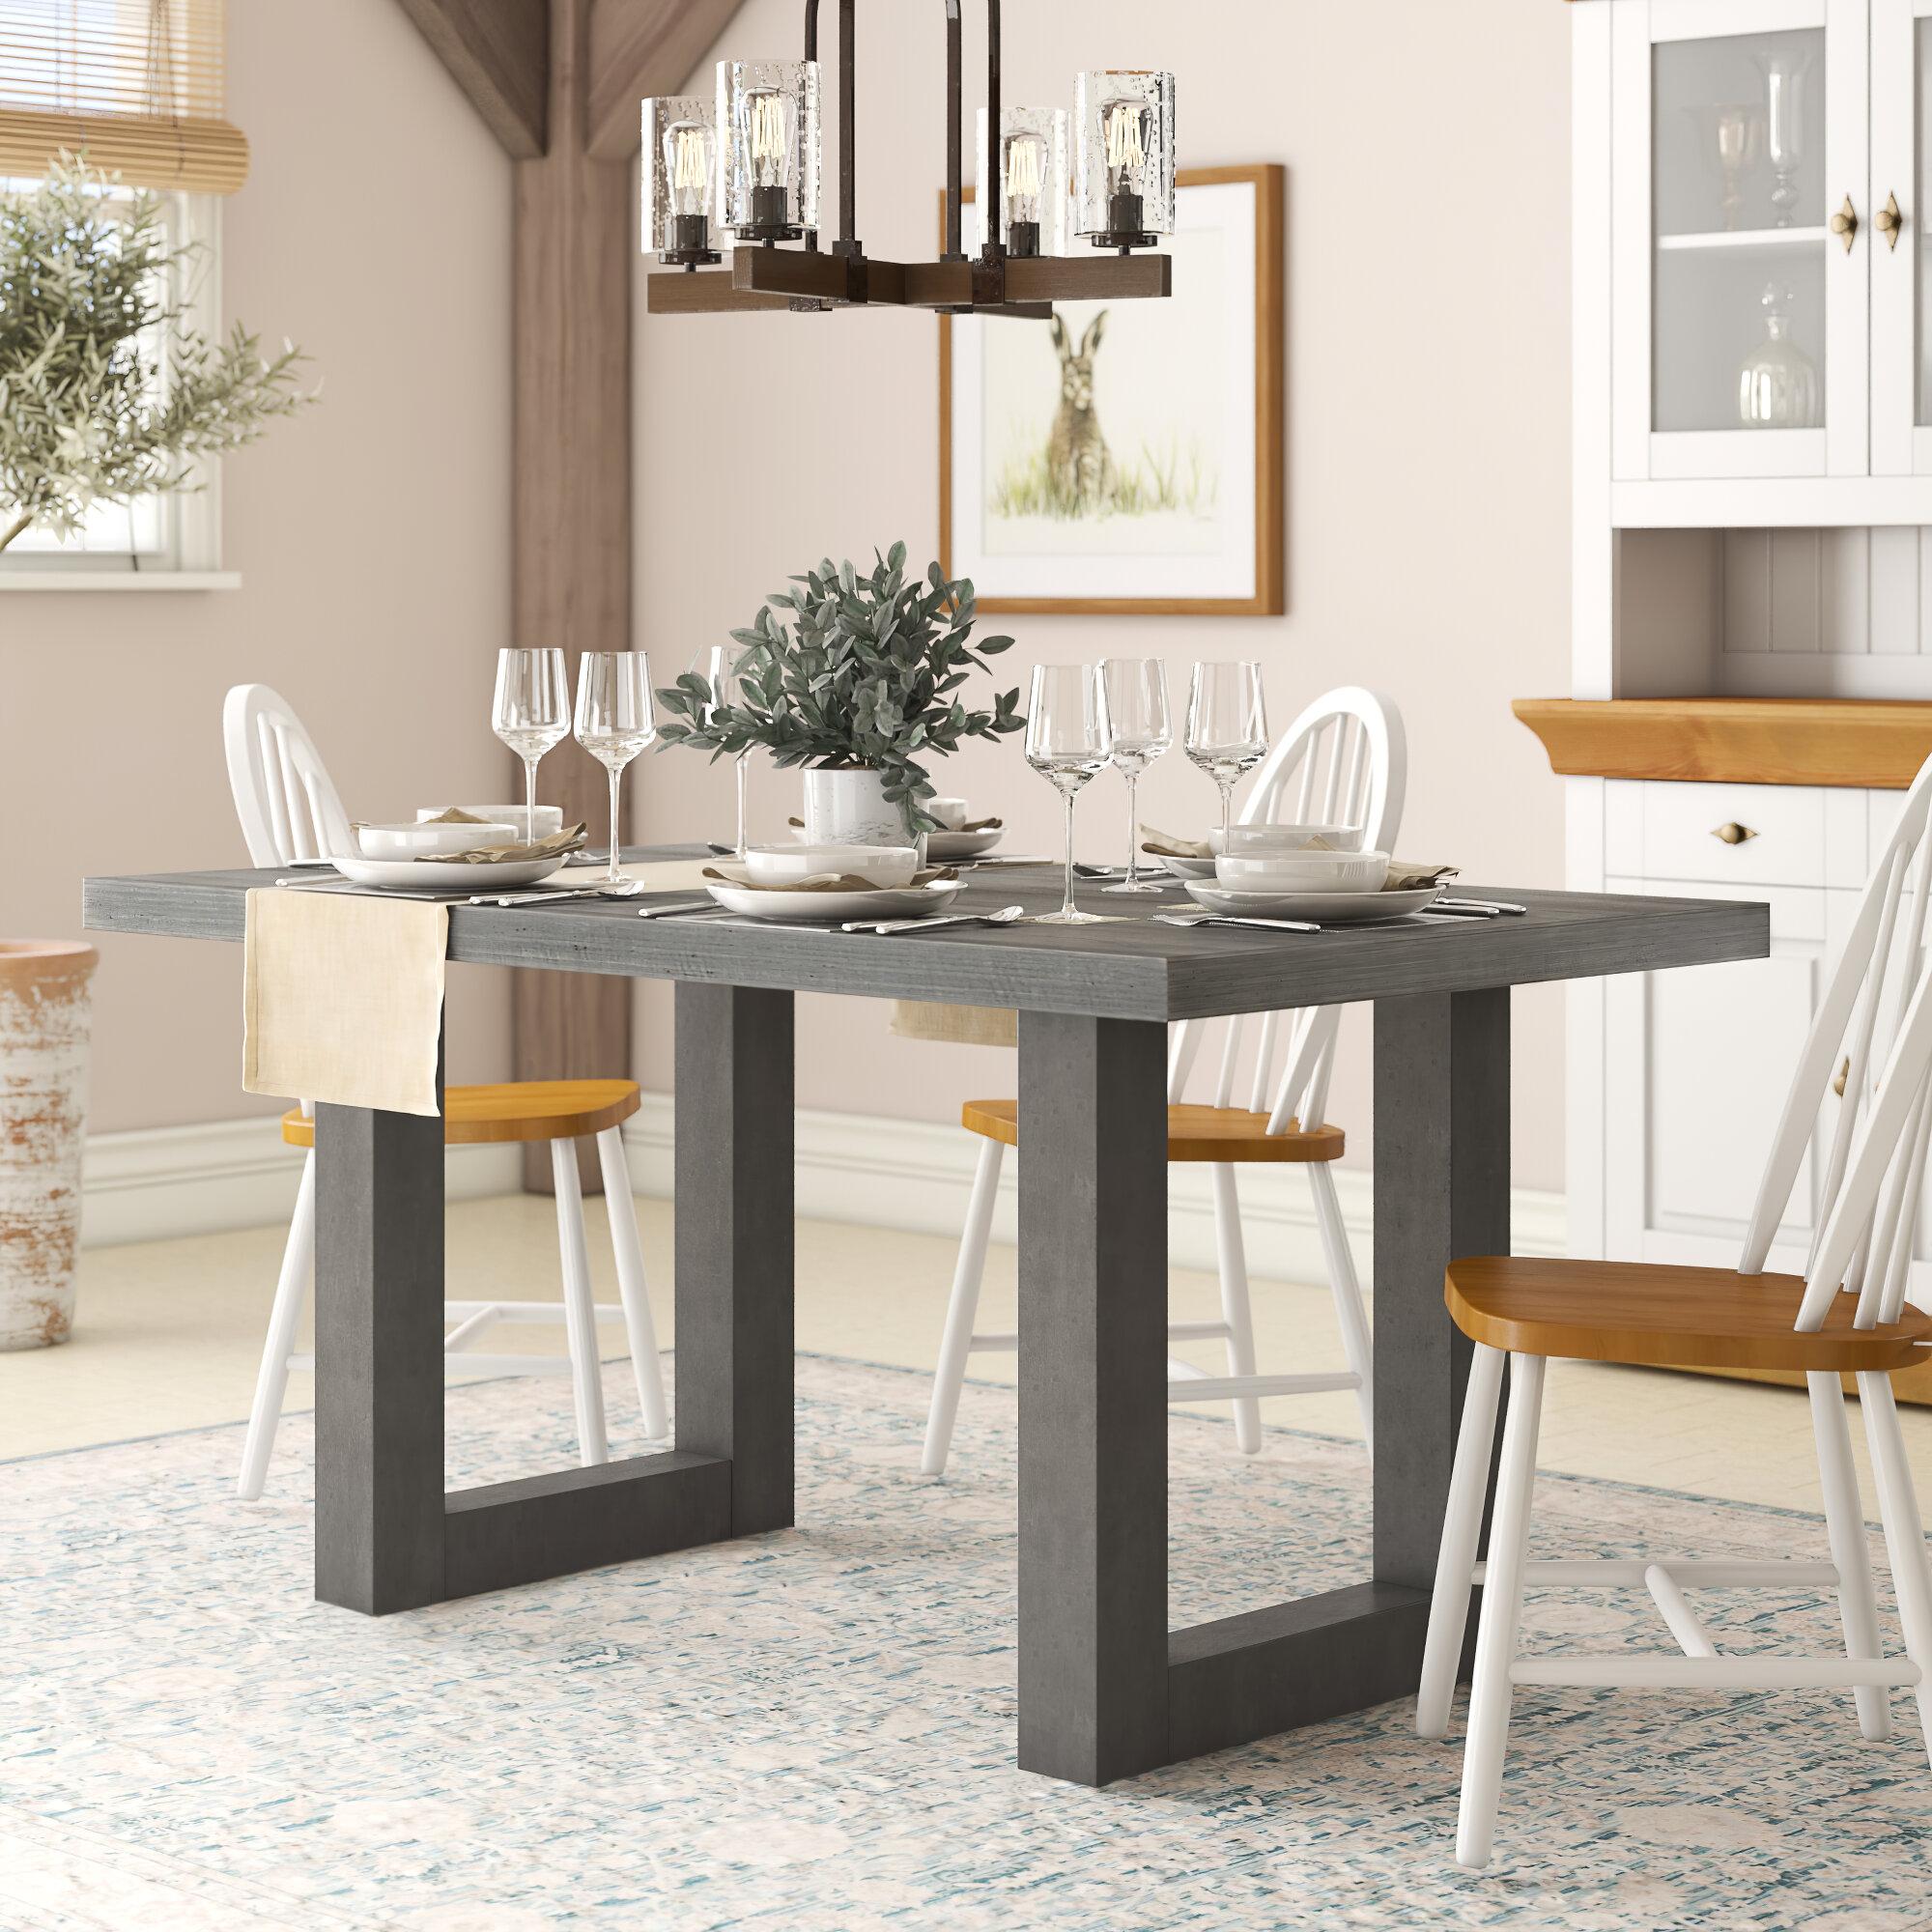 Brayden Studio Upper Strode Dining Table Reviews Wayfair Co Uk